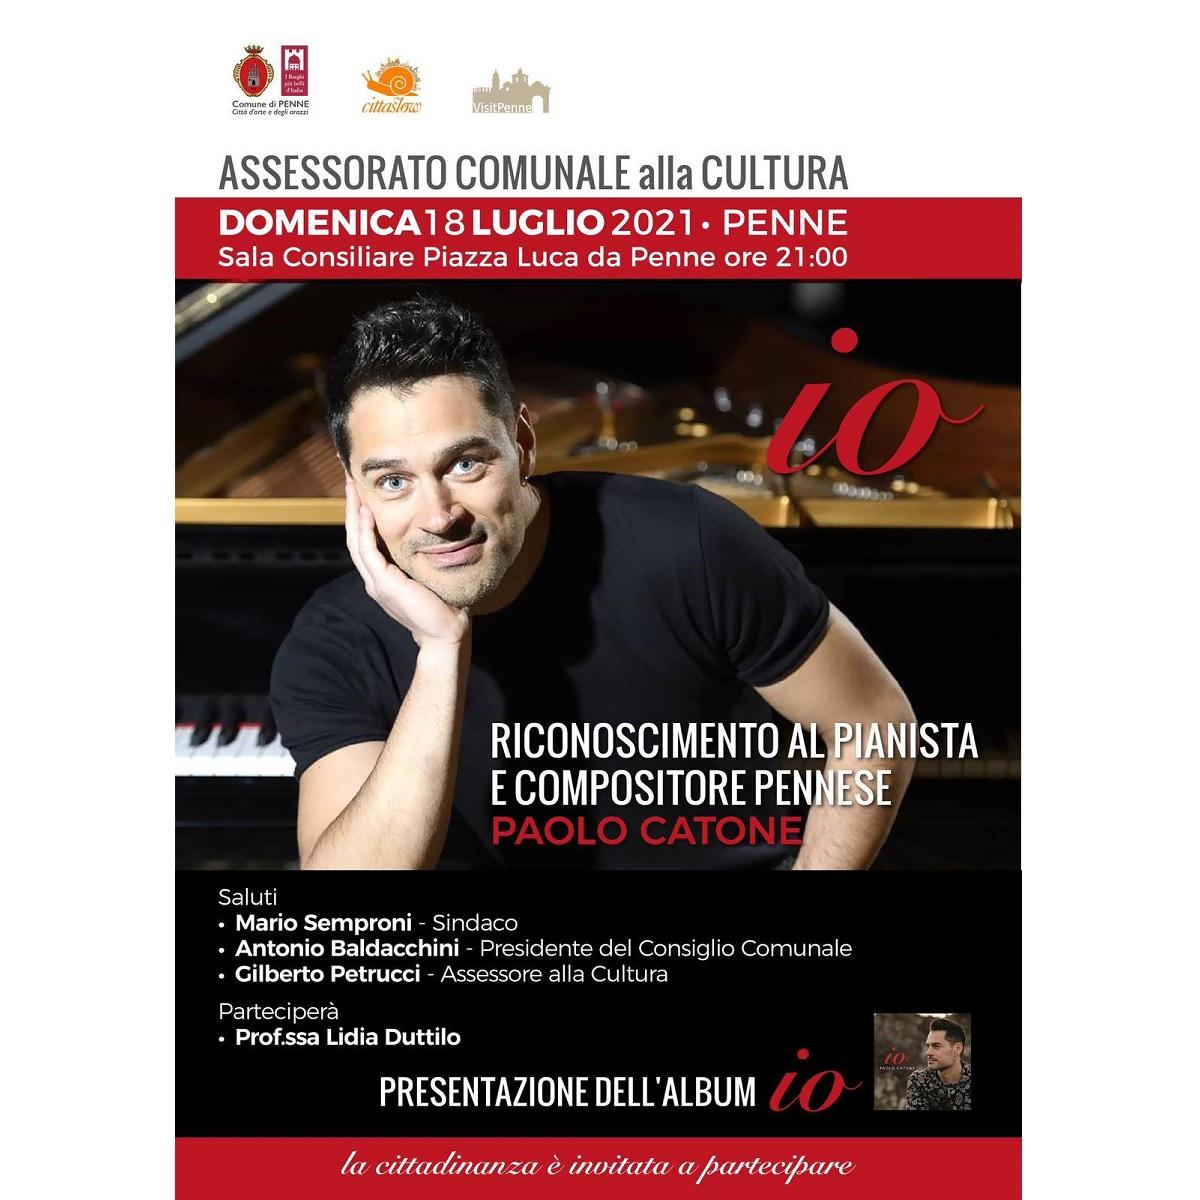 Presentazione dell'album Io di Paolo Catone a Penne foto